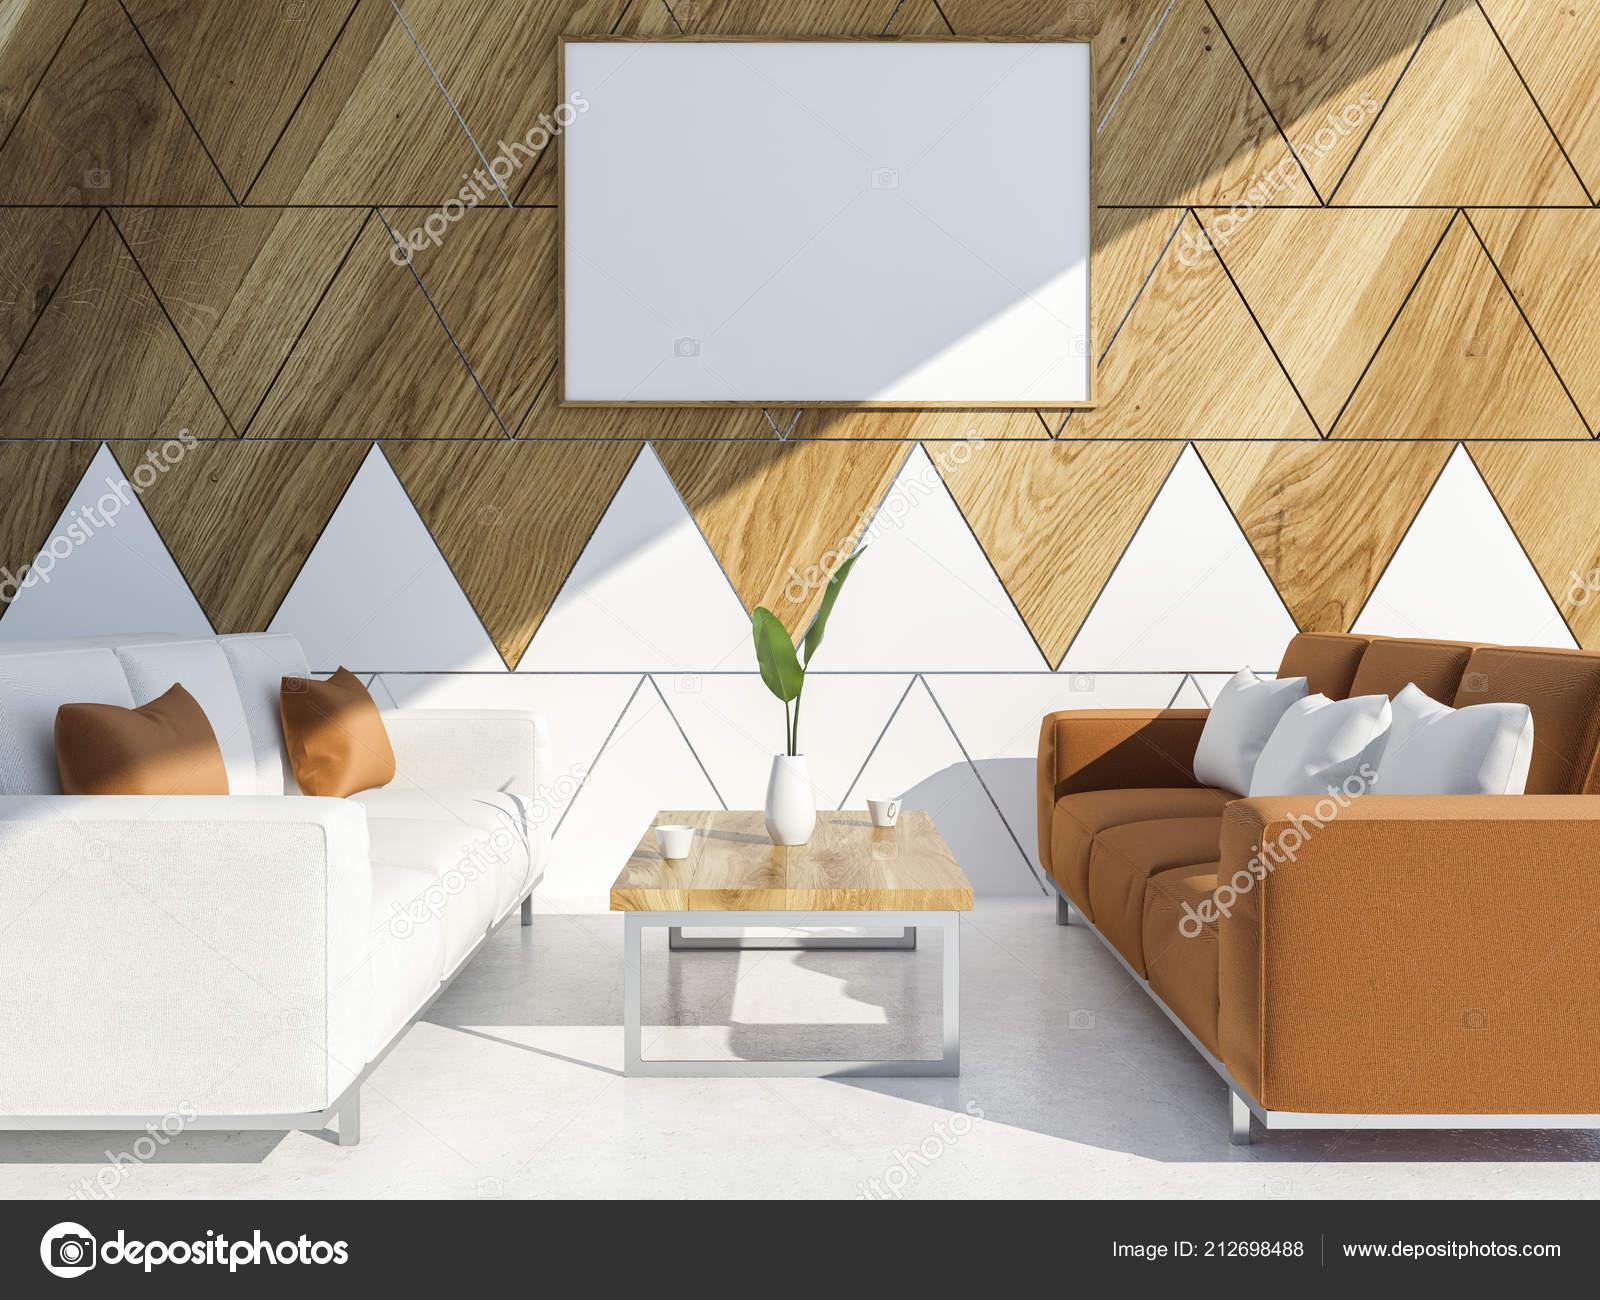 Bureau moderne blanc bois triangulaire tuiles salon intérieur avec